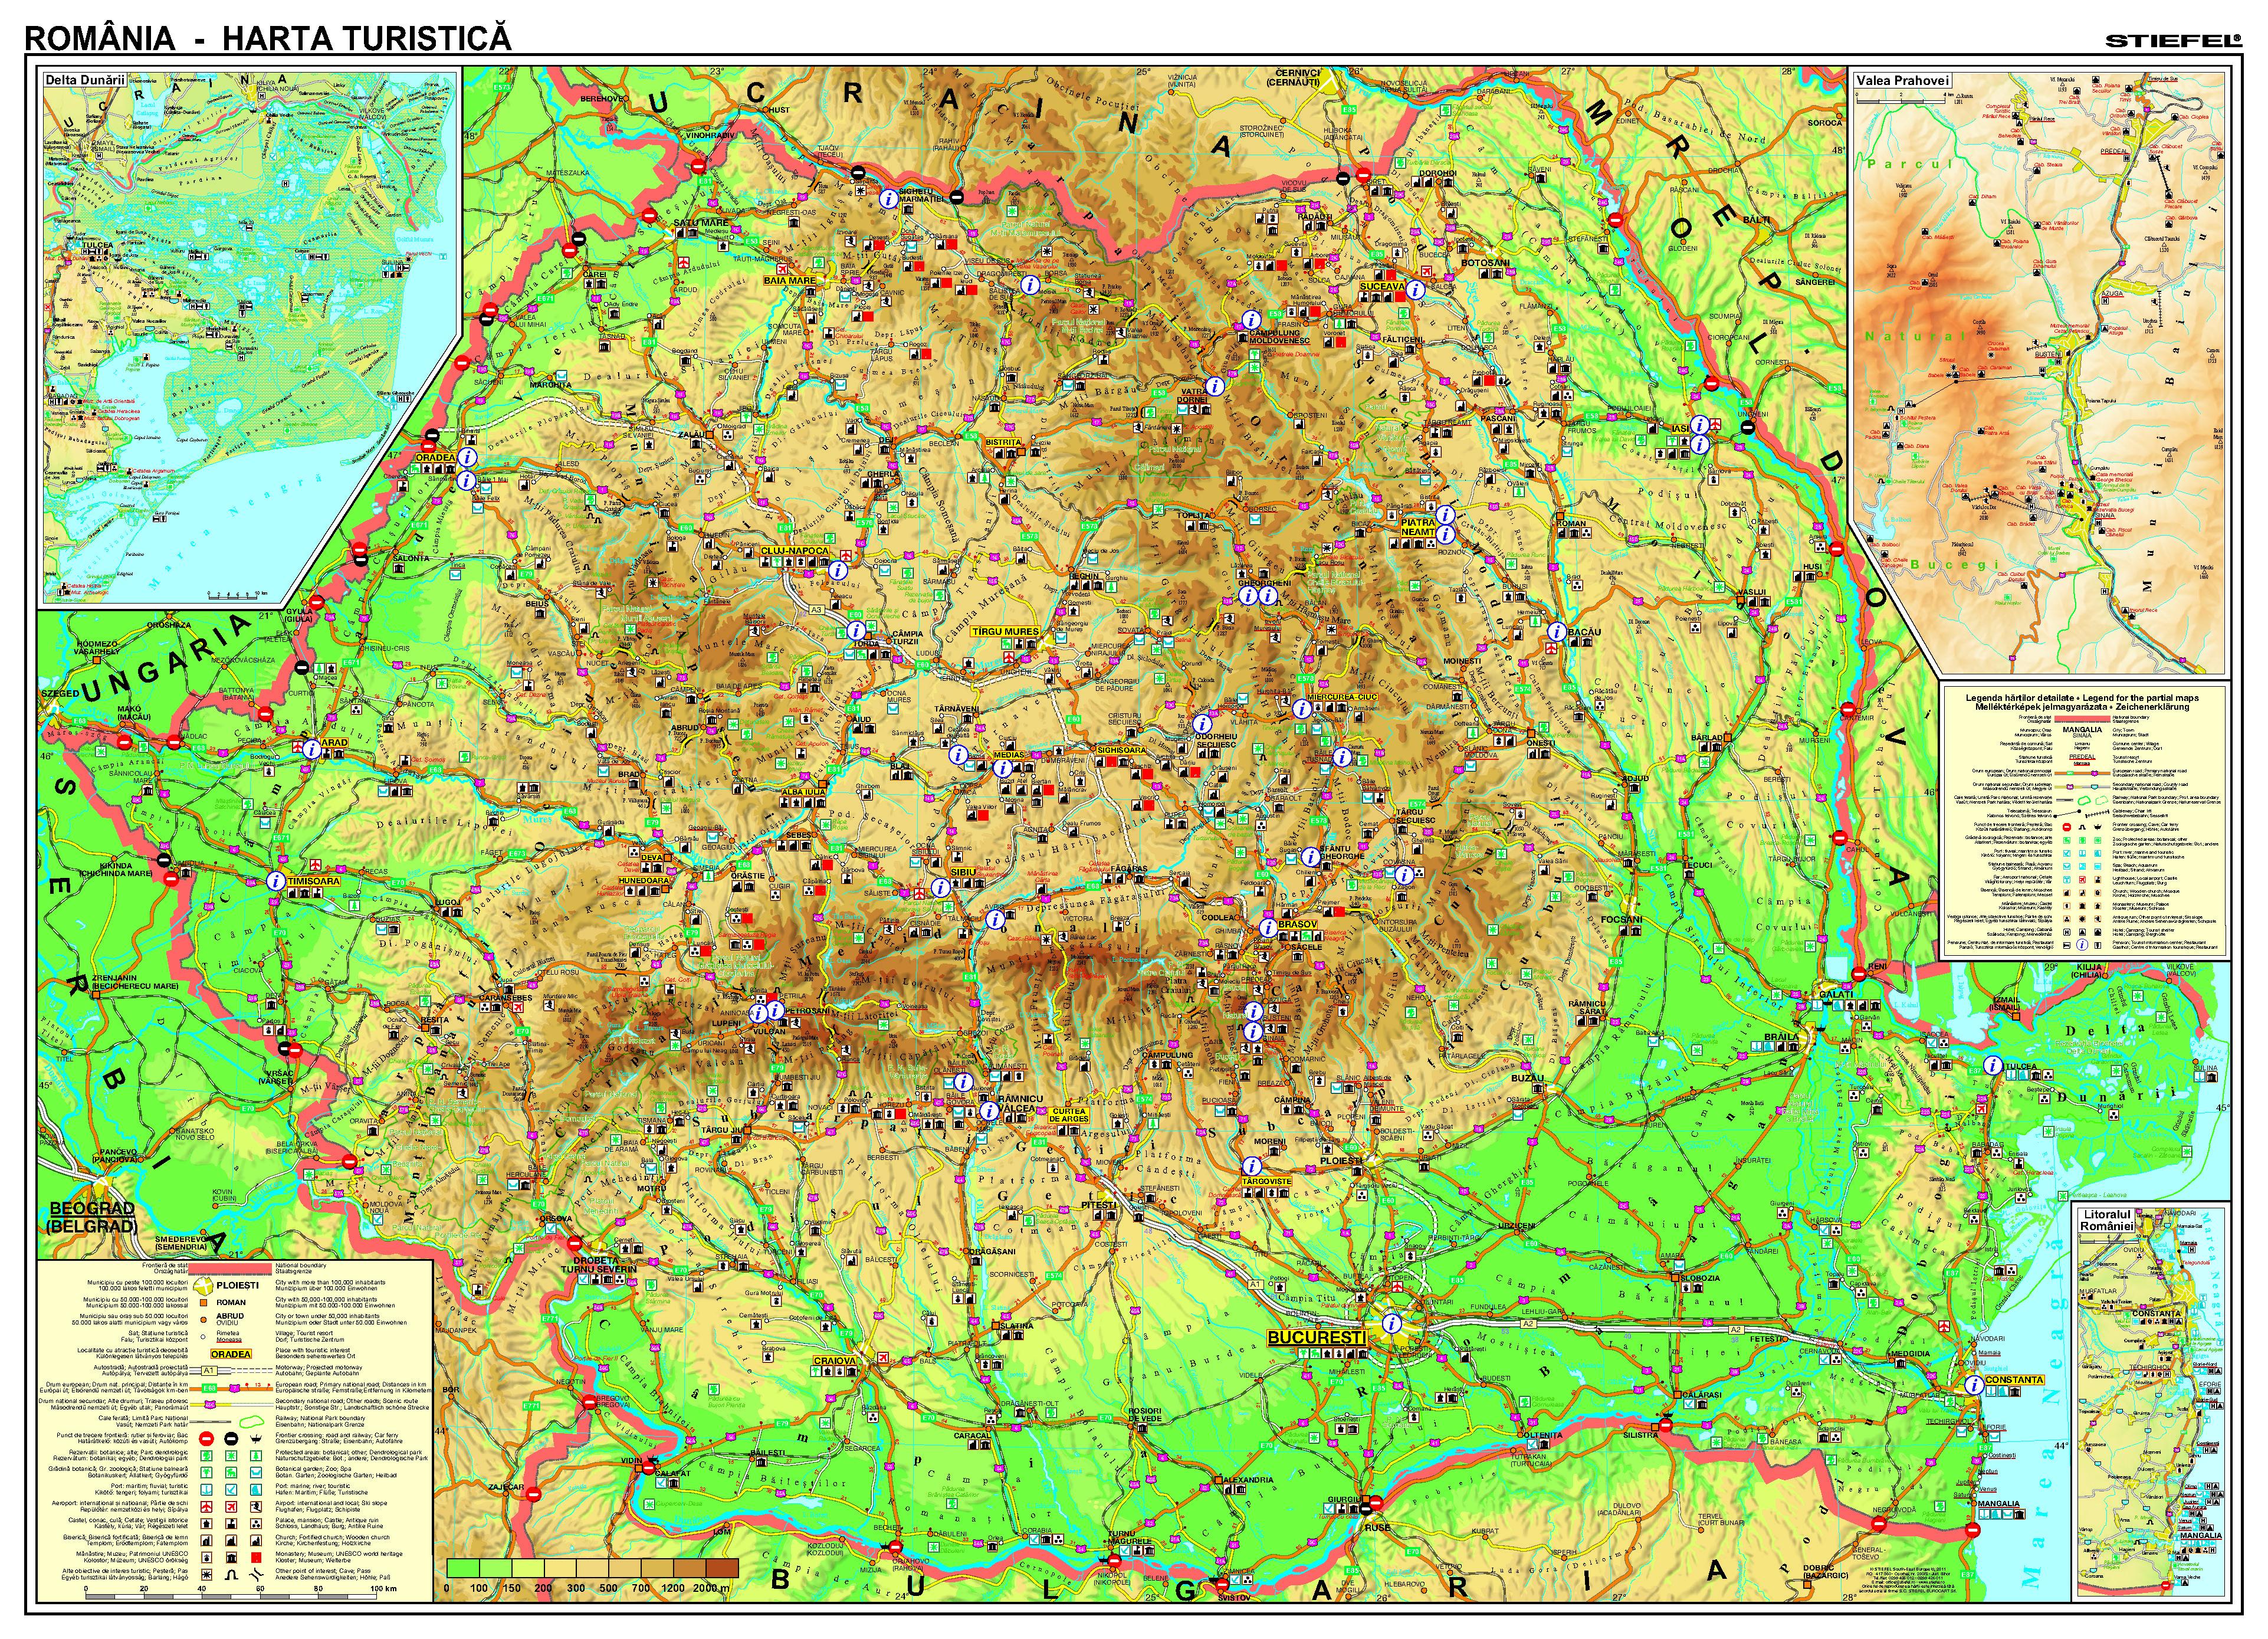 Harta Toplita Harta